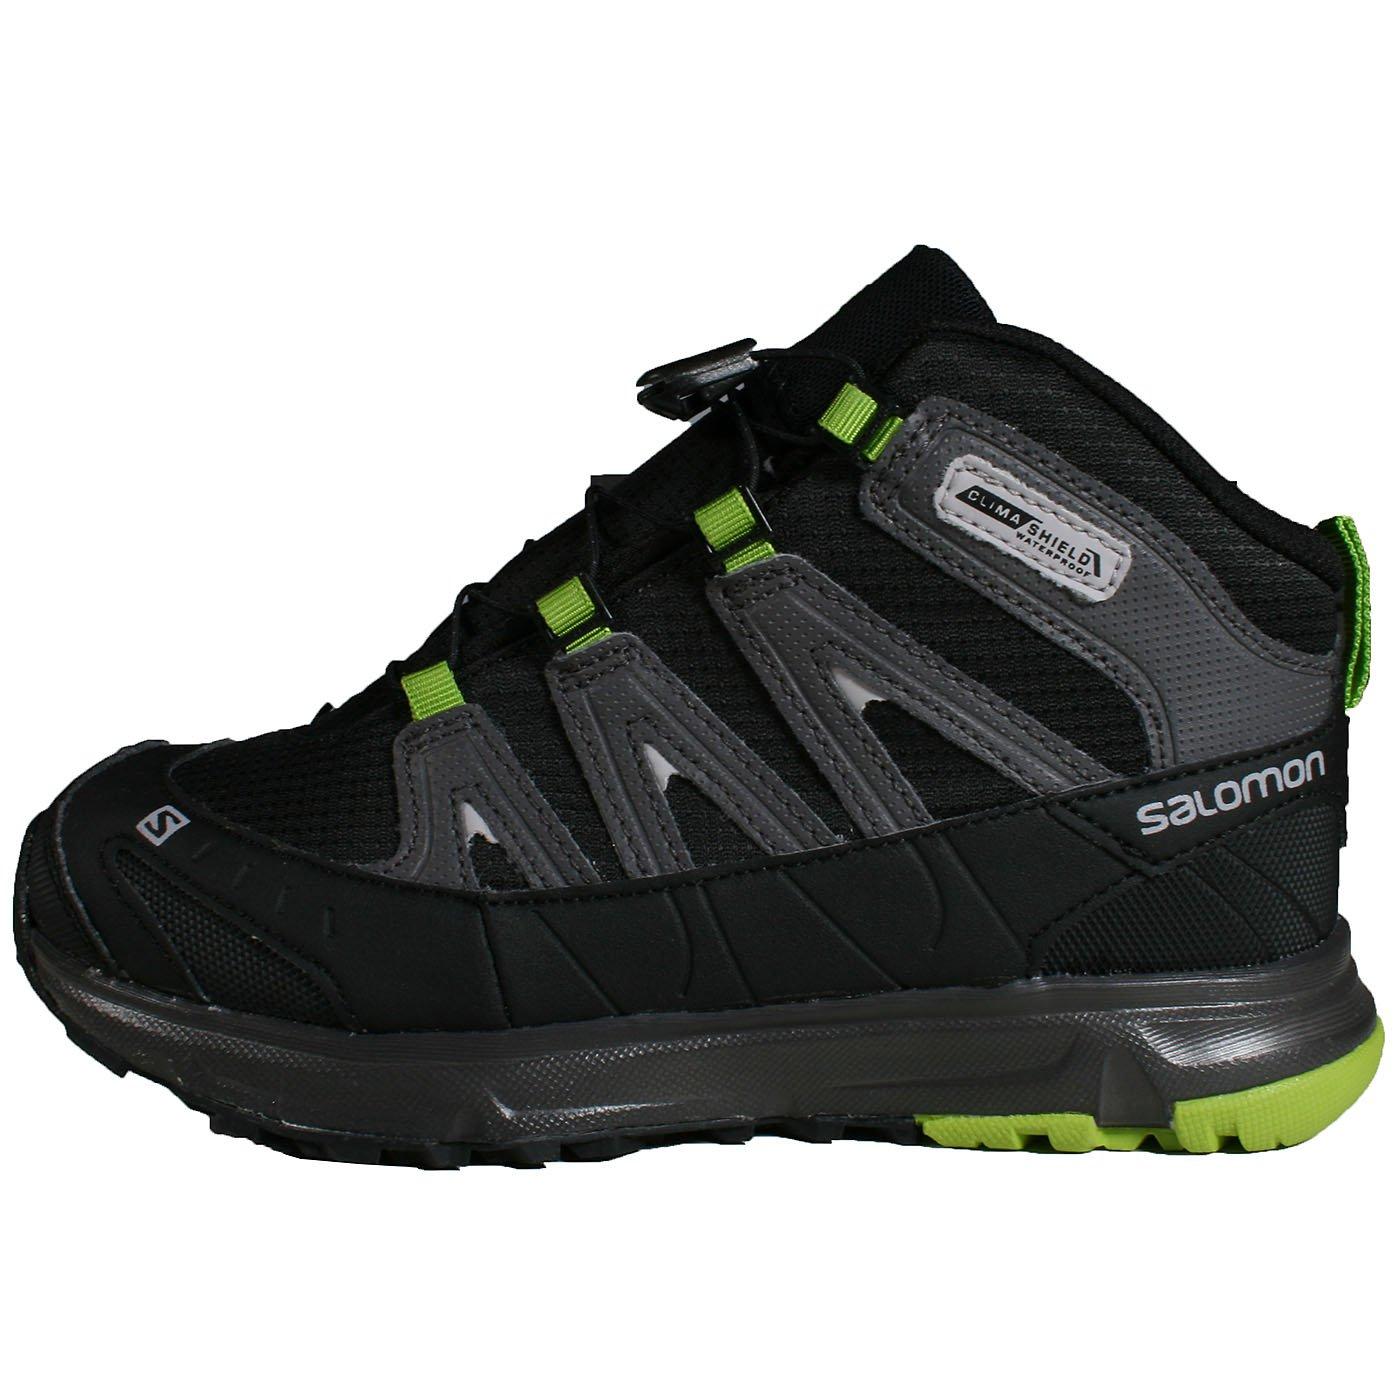 Детская обувь Salomon в магазинах Кемерово ... 711c6f176a0